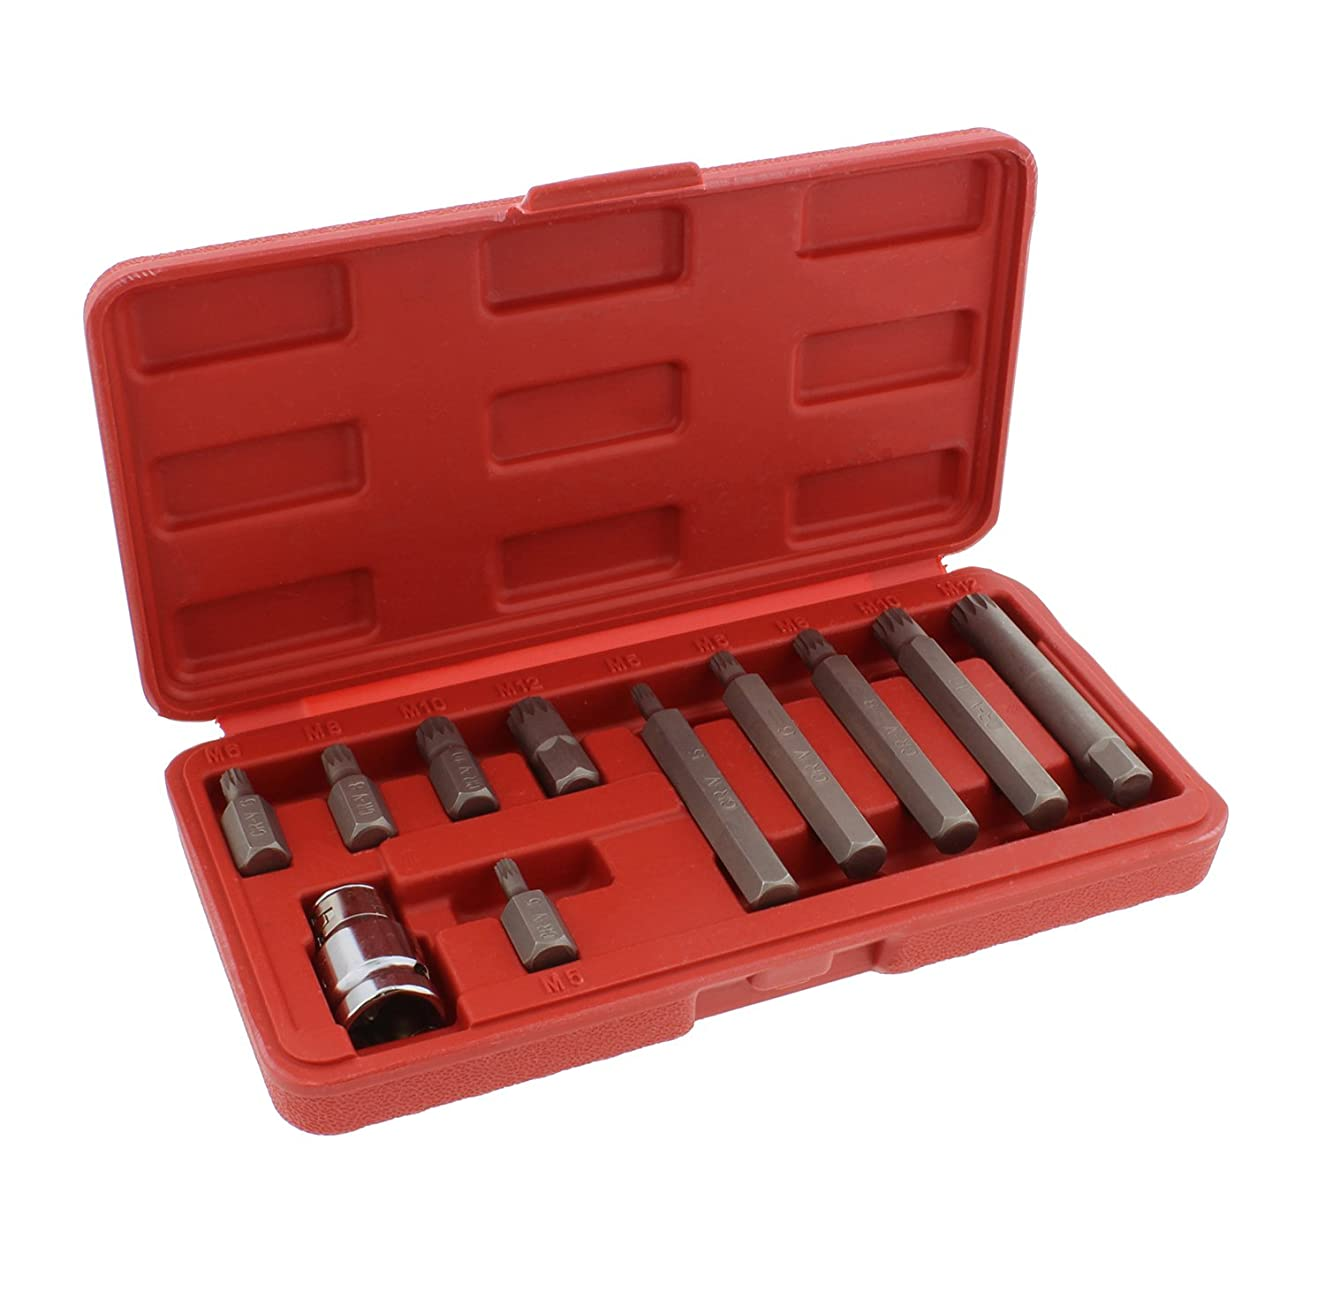 ABN XZN Triple Square Spline 11-Piece Metric Drill Bit Set – M5 – M12 Bits & 10mm Hex Bit Adapter Shank CRV Steel Metal